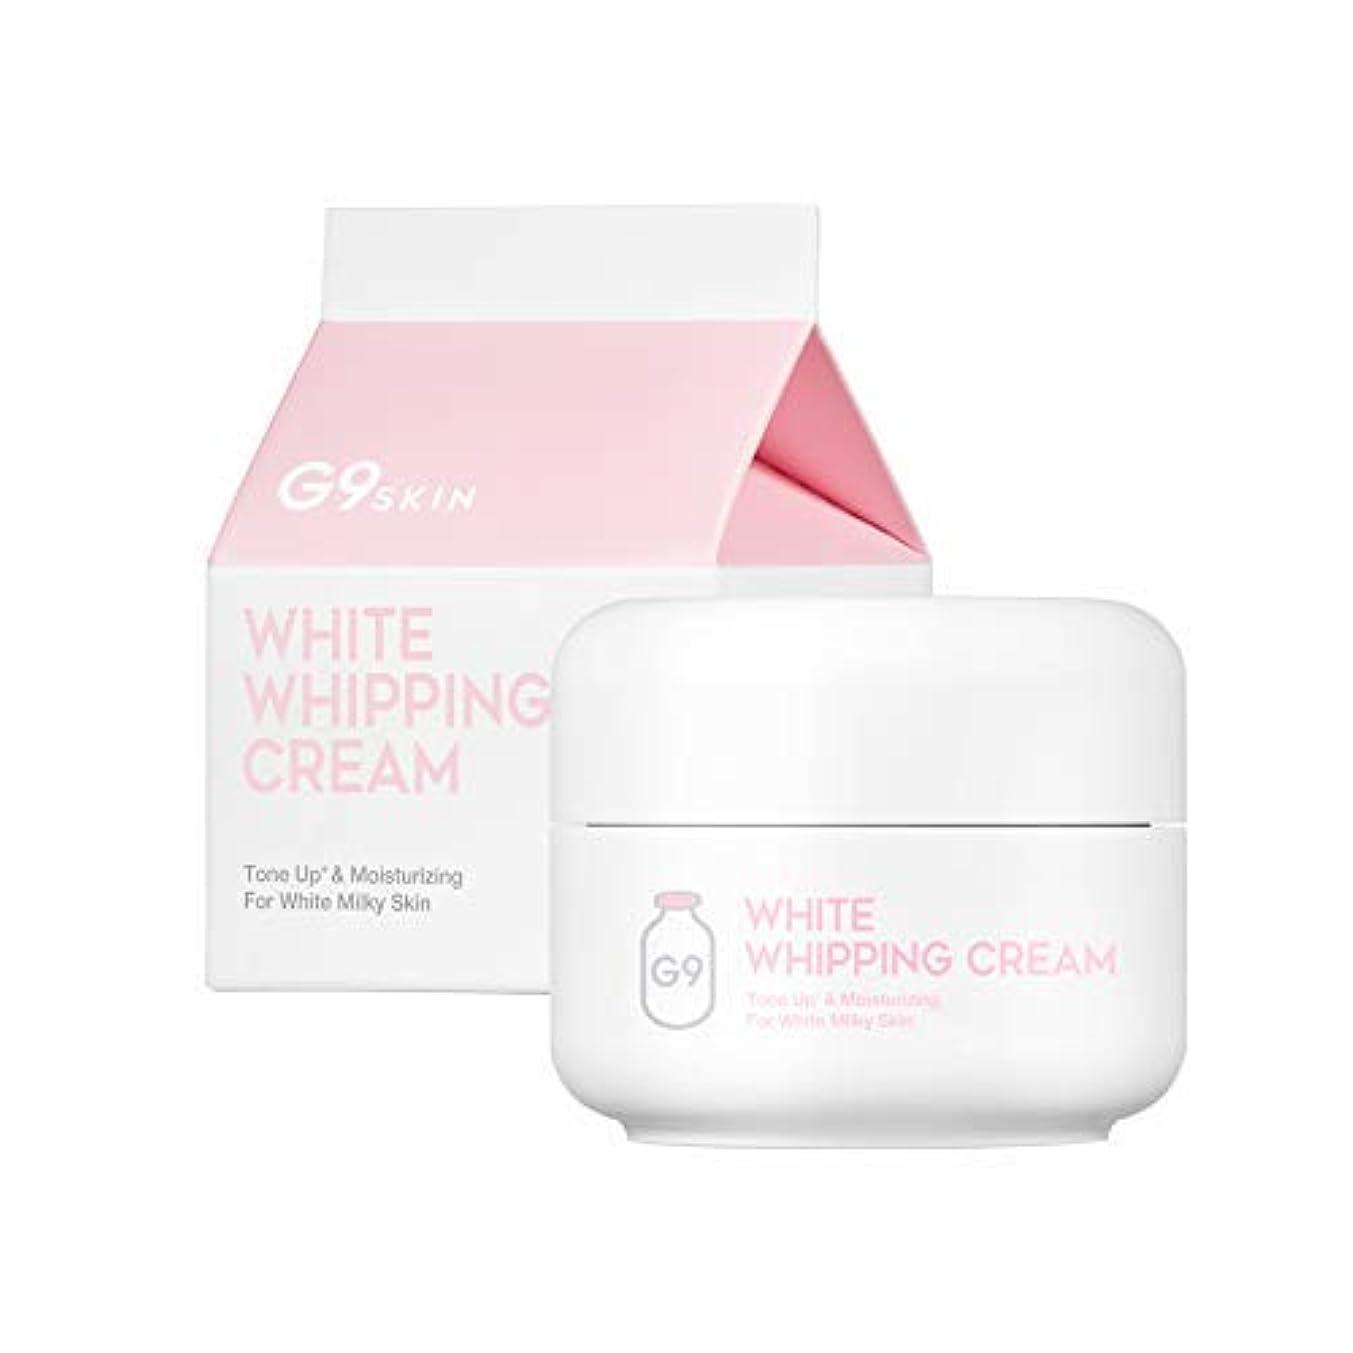 投票アクロバット礼儀G9 SKIN WHITE WHIPPING CREAM ジーナインスキン ホワイト ホイッピング クリーム 50g お肌 スキン ケア 牛乳 パック ミルク 化粧品 韓国 コスメ